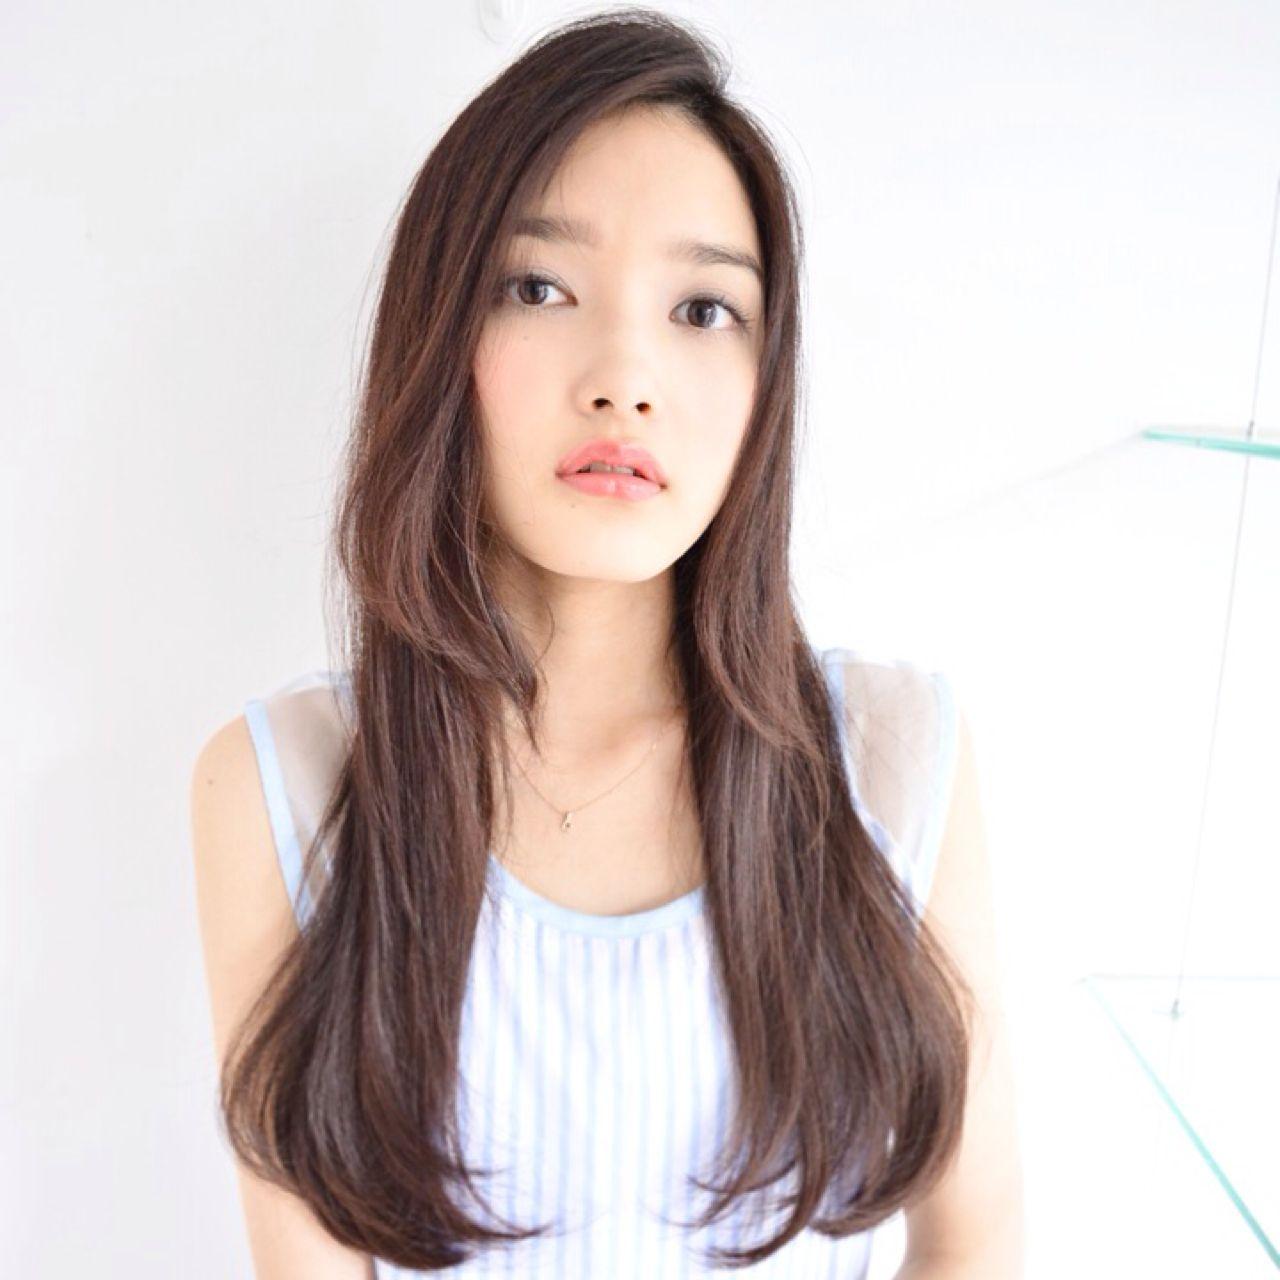 モード ナチュラル 暗髪 大人女子 ヘアスタイルや髪型の写真・画像